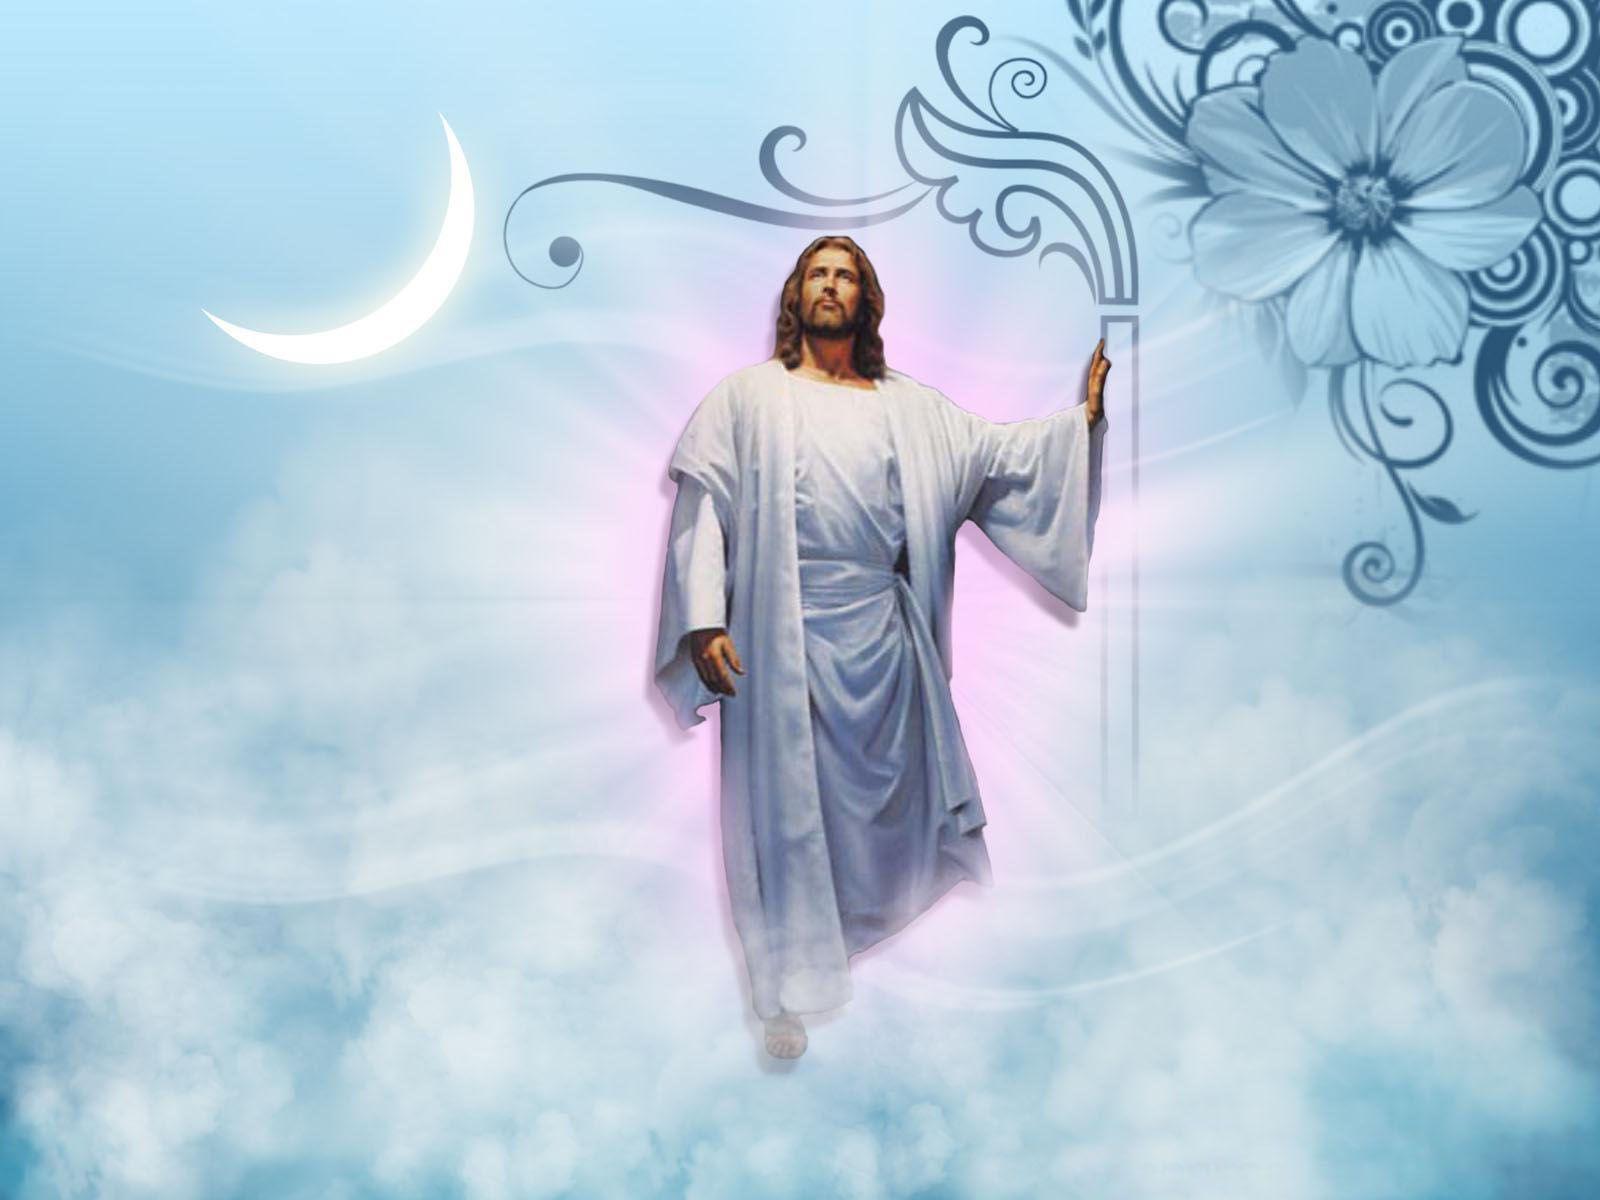 Jesus hd wallpapers wallpaper cave - Wallpaper de jesus ...